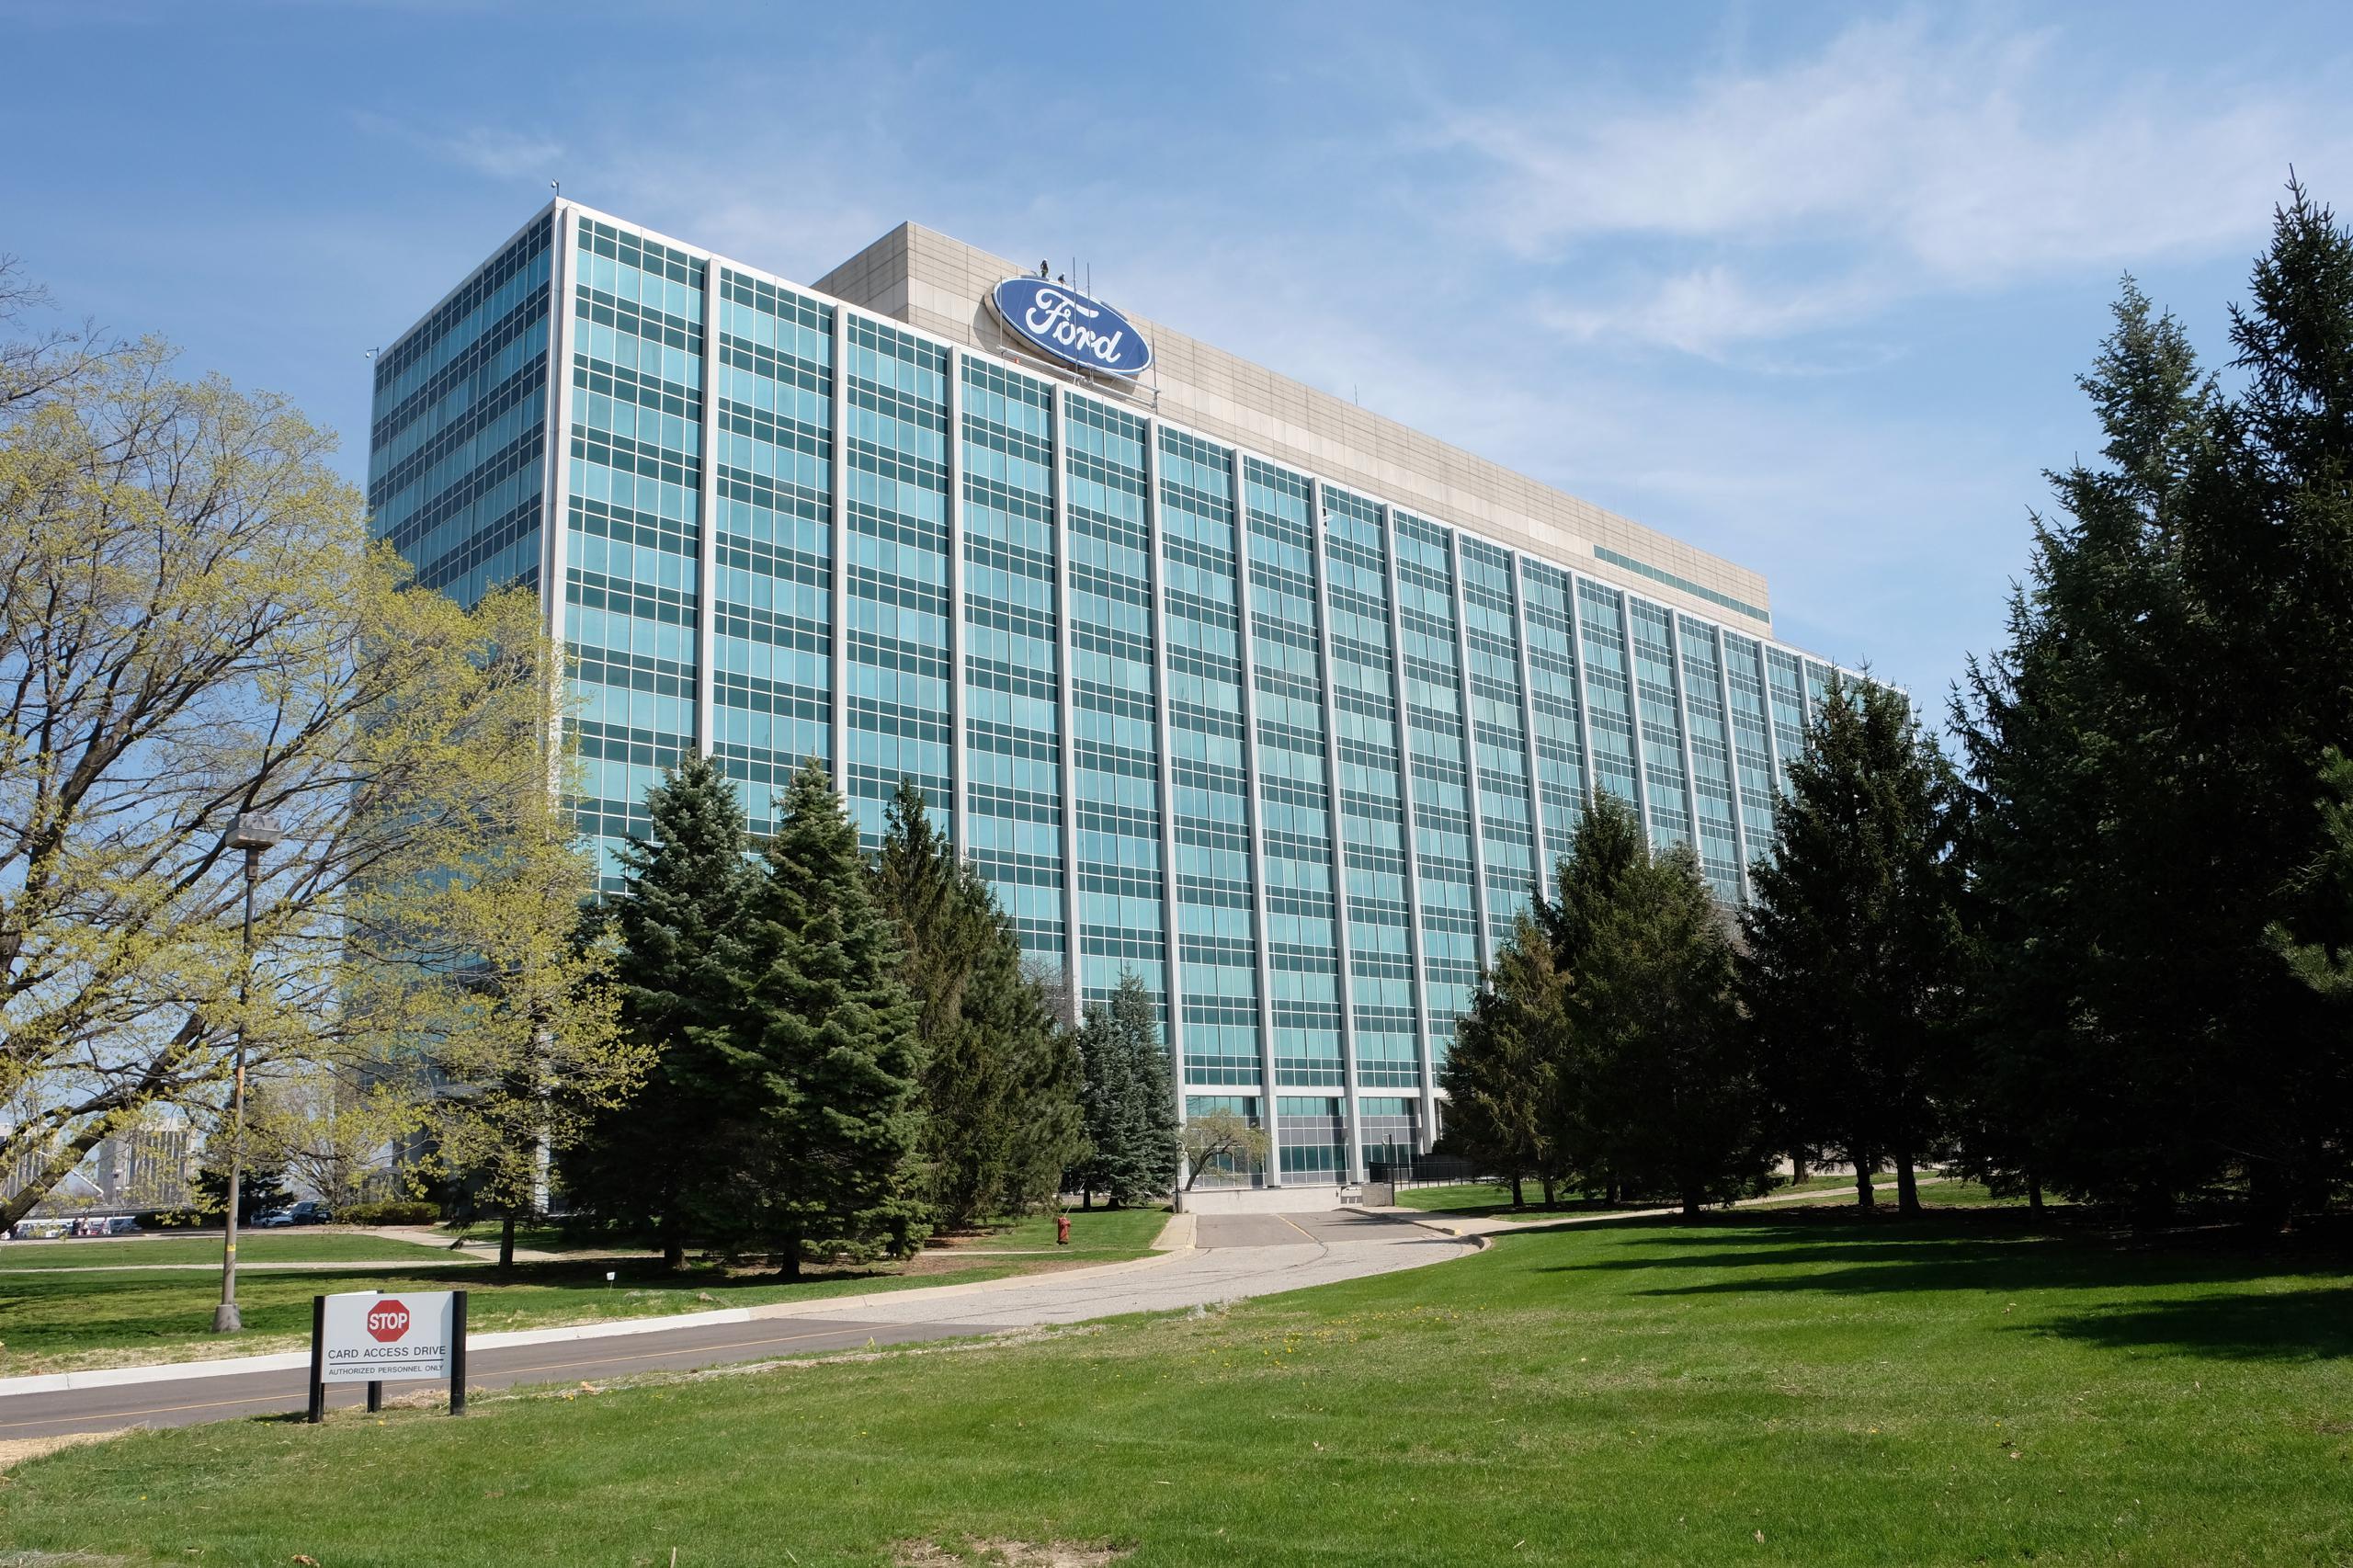 Ford Motor Company's corporate headquarters in Dearborn, Michigan.